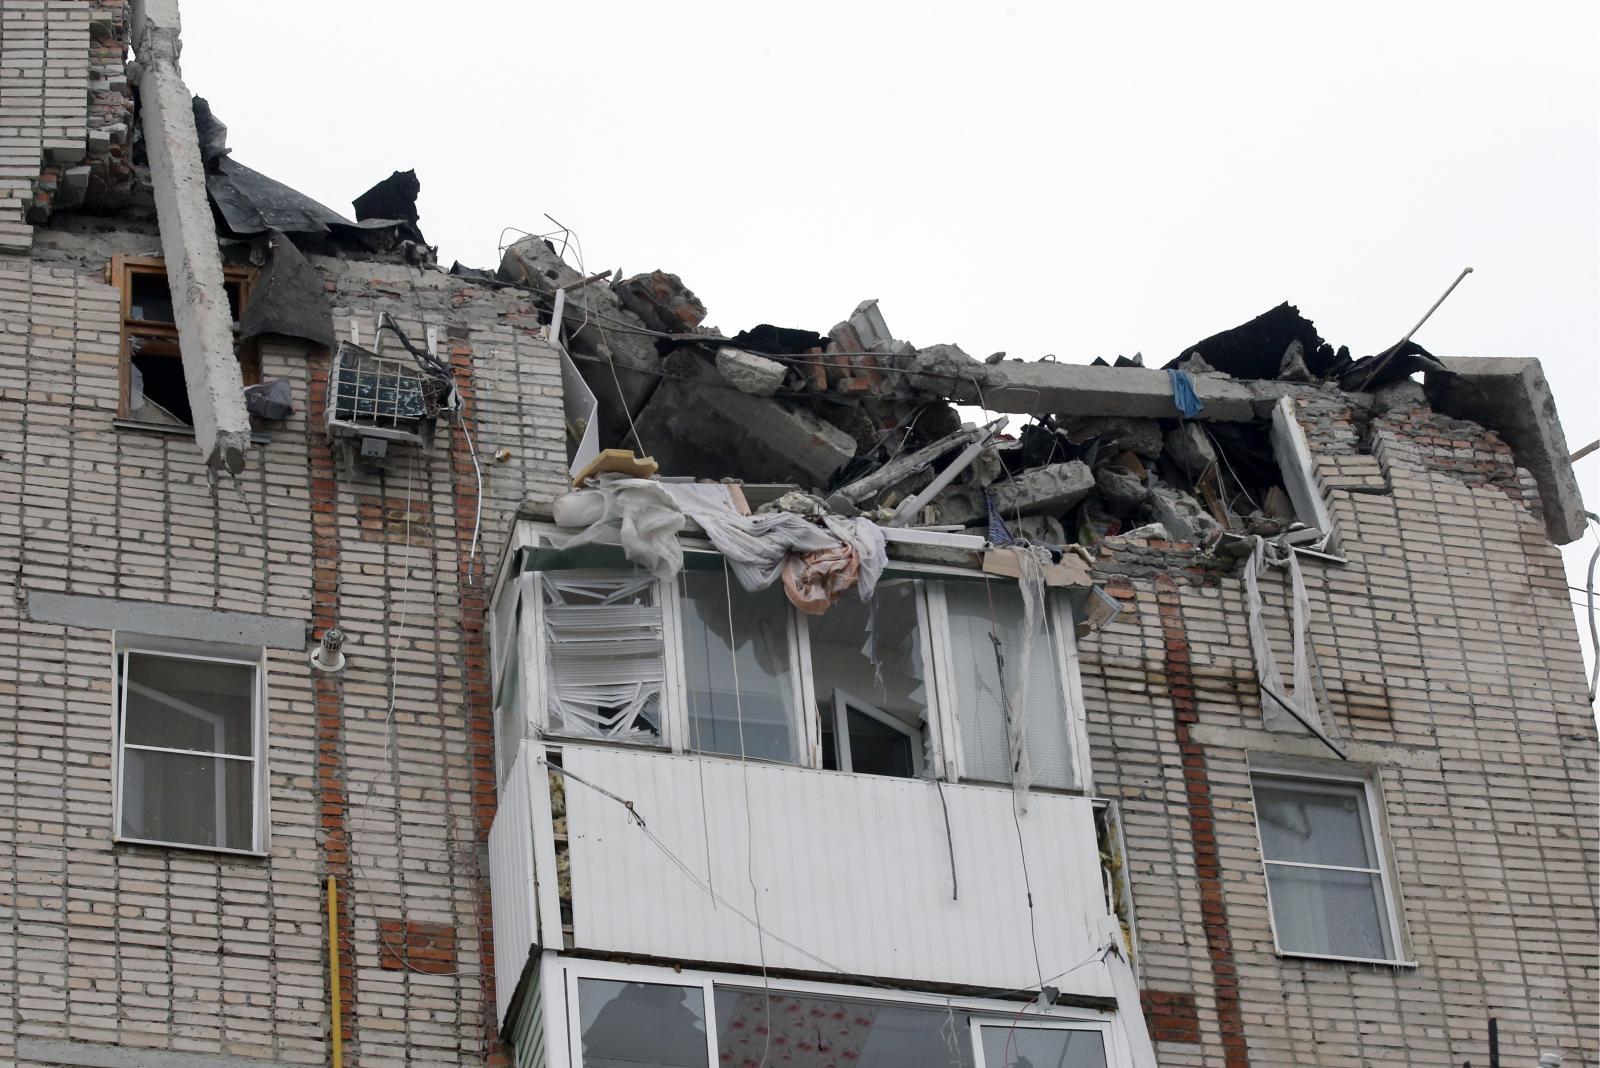 В МЧС сообщили об угрозе дальнейшего обрушения многоэтажки в Шахты